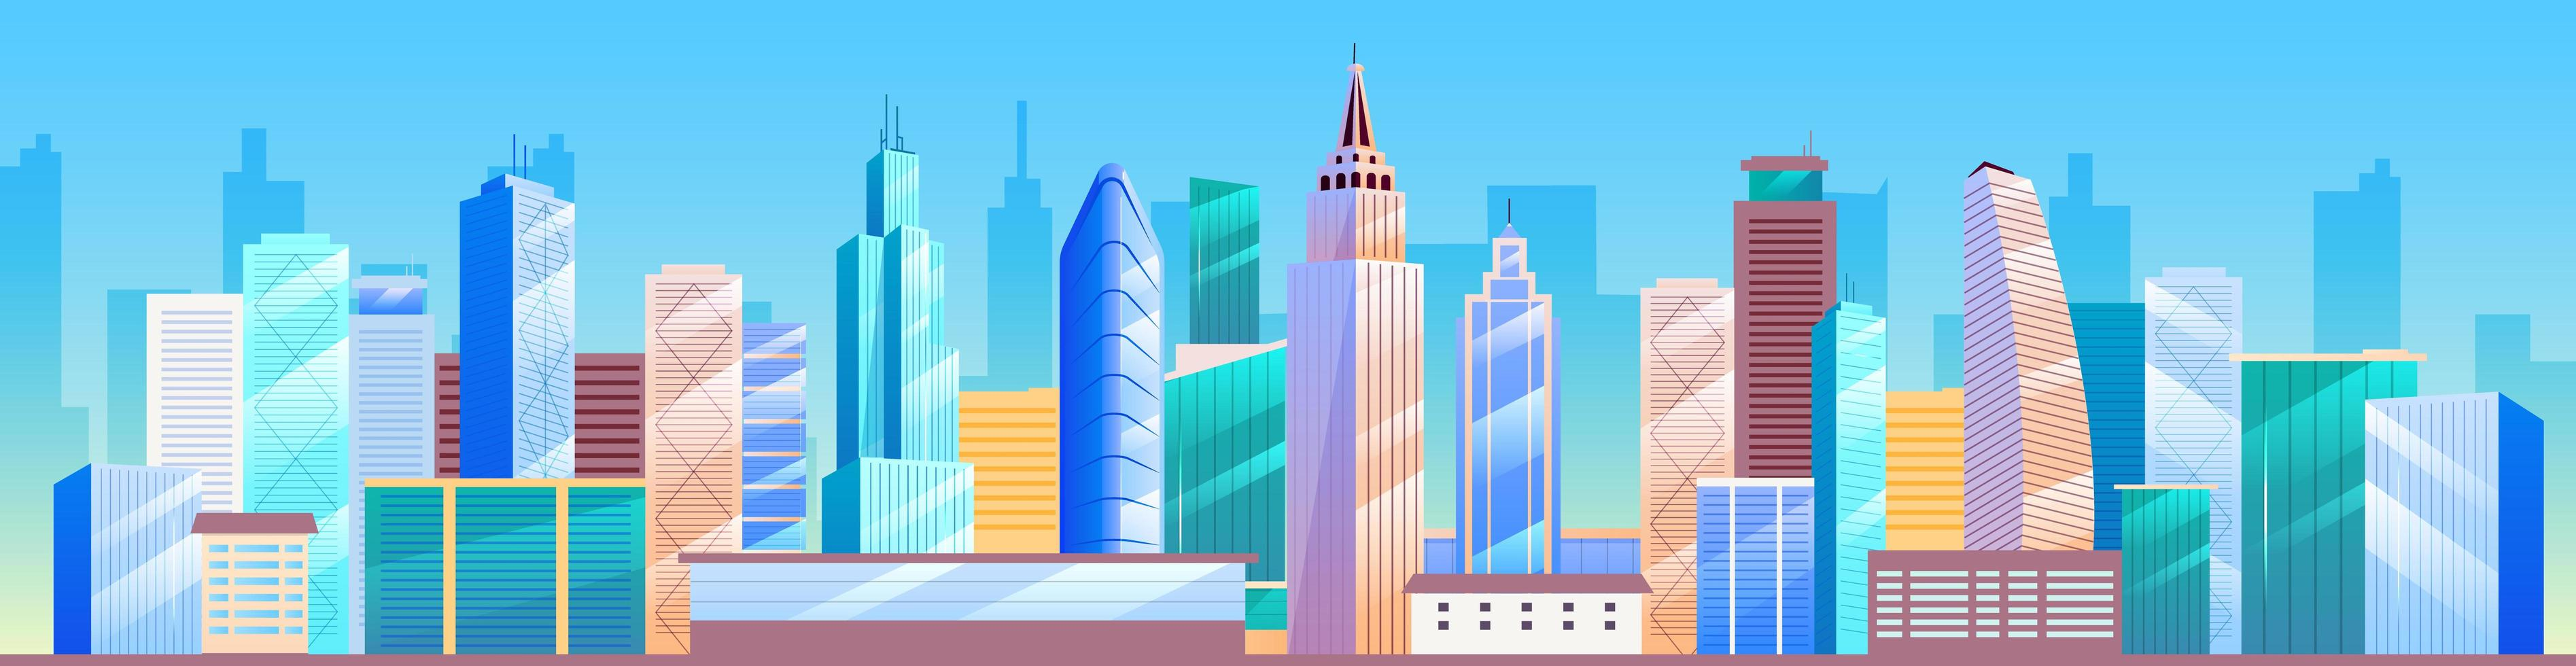 skyline van de stad. metropolis vector